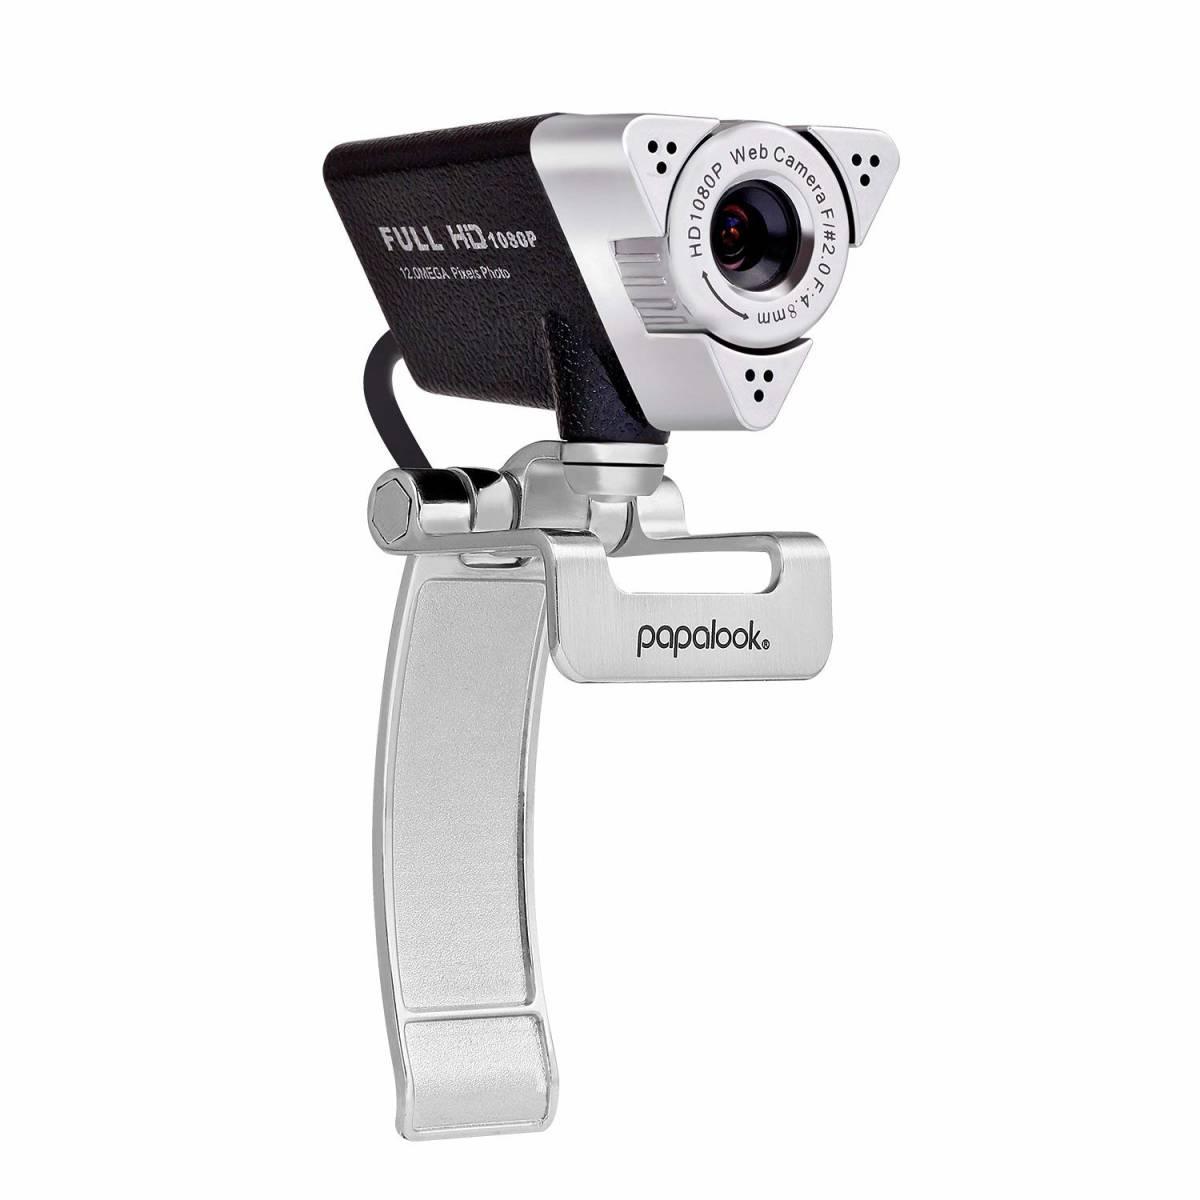 新品●PAPALOOK PA187 ウェブカメラ web カメラ Webカム HD画質 ネットワークカメラ C6480